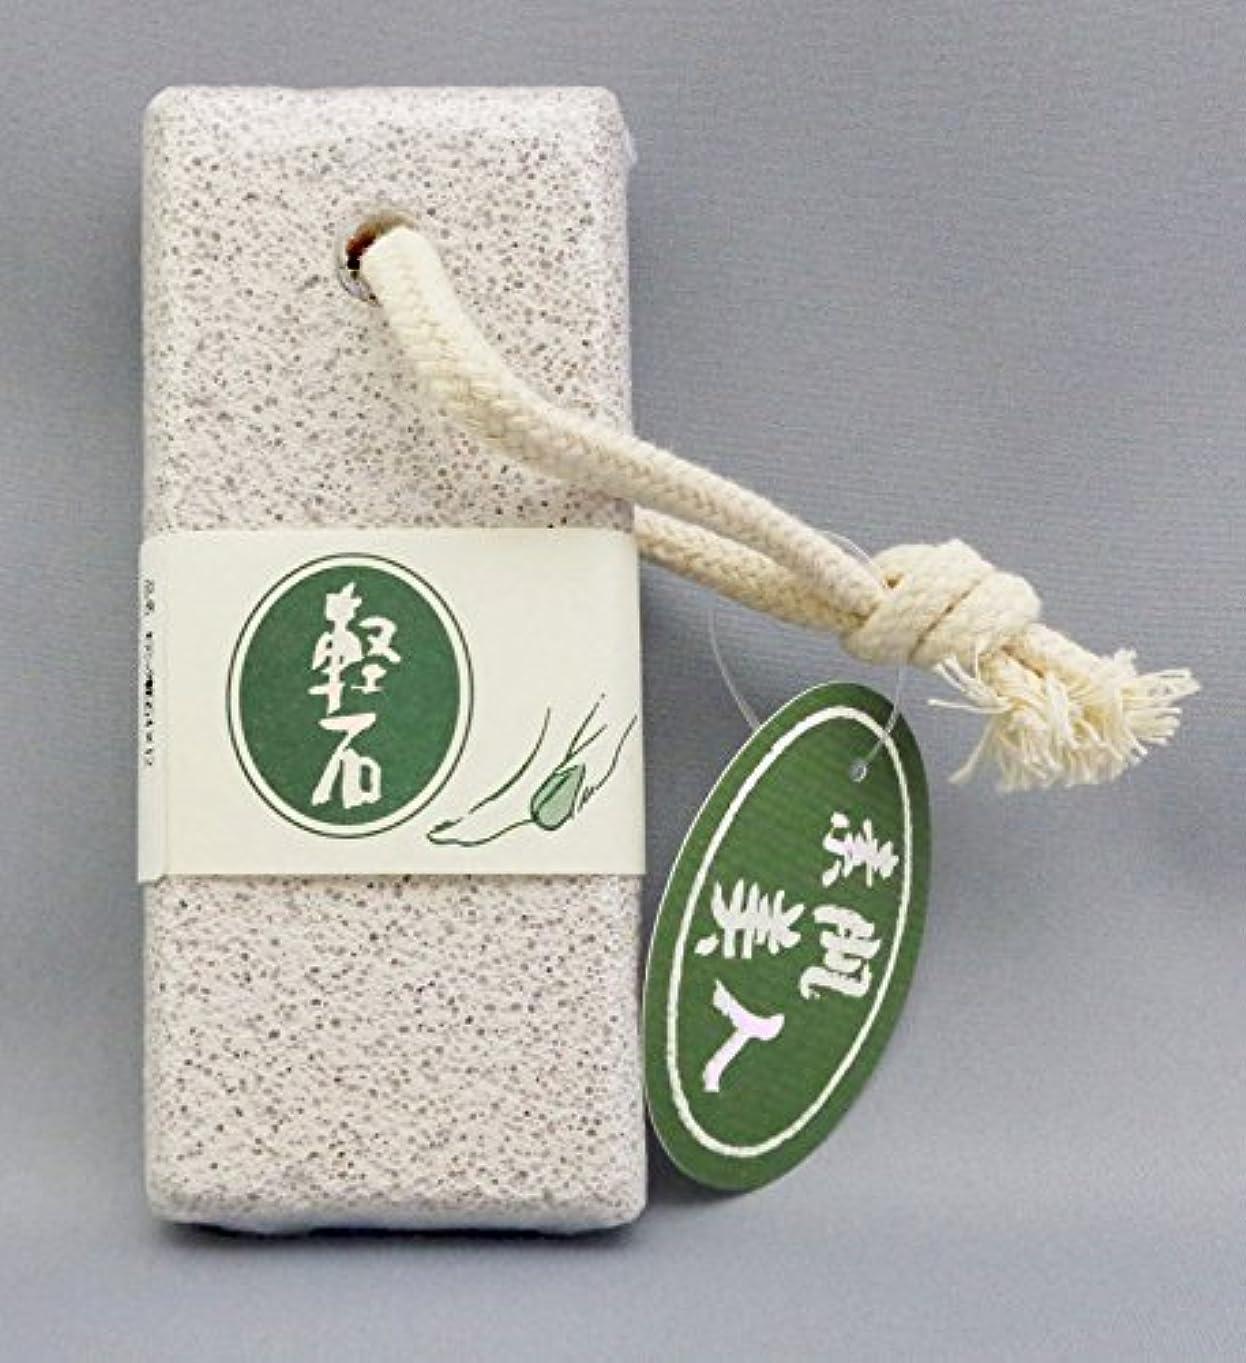 レイア天使織るシオザキ No.19 セラミック軽石 4x12 天然丸軽石 ヒモ付